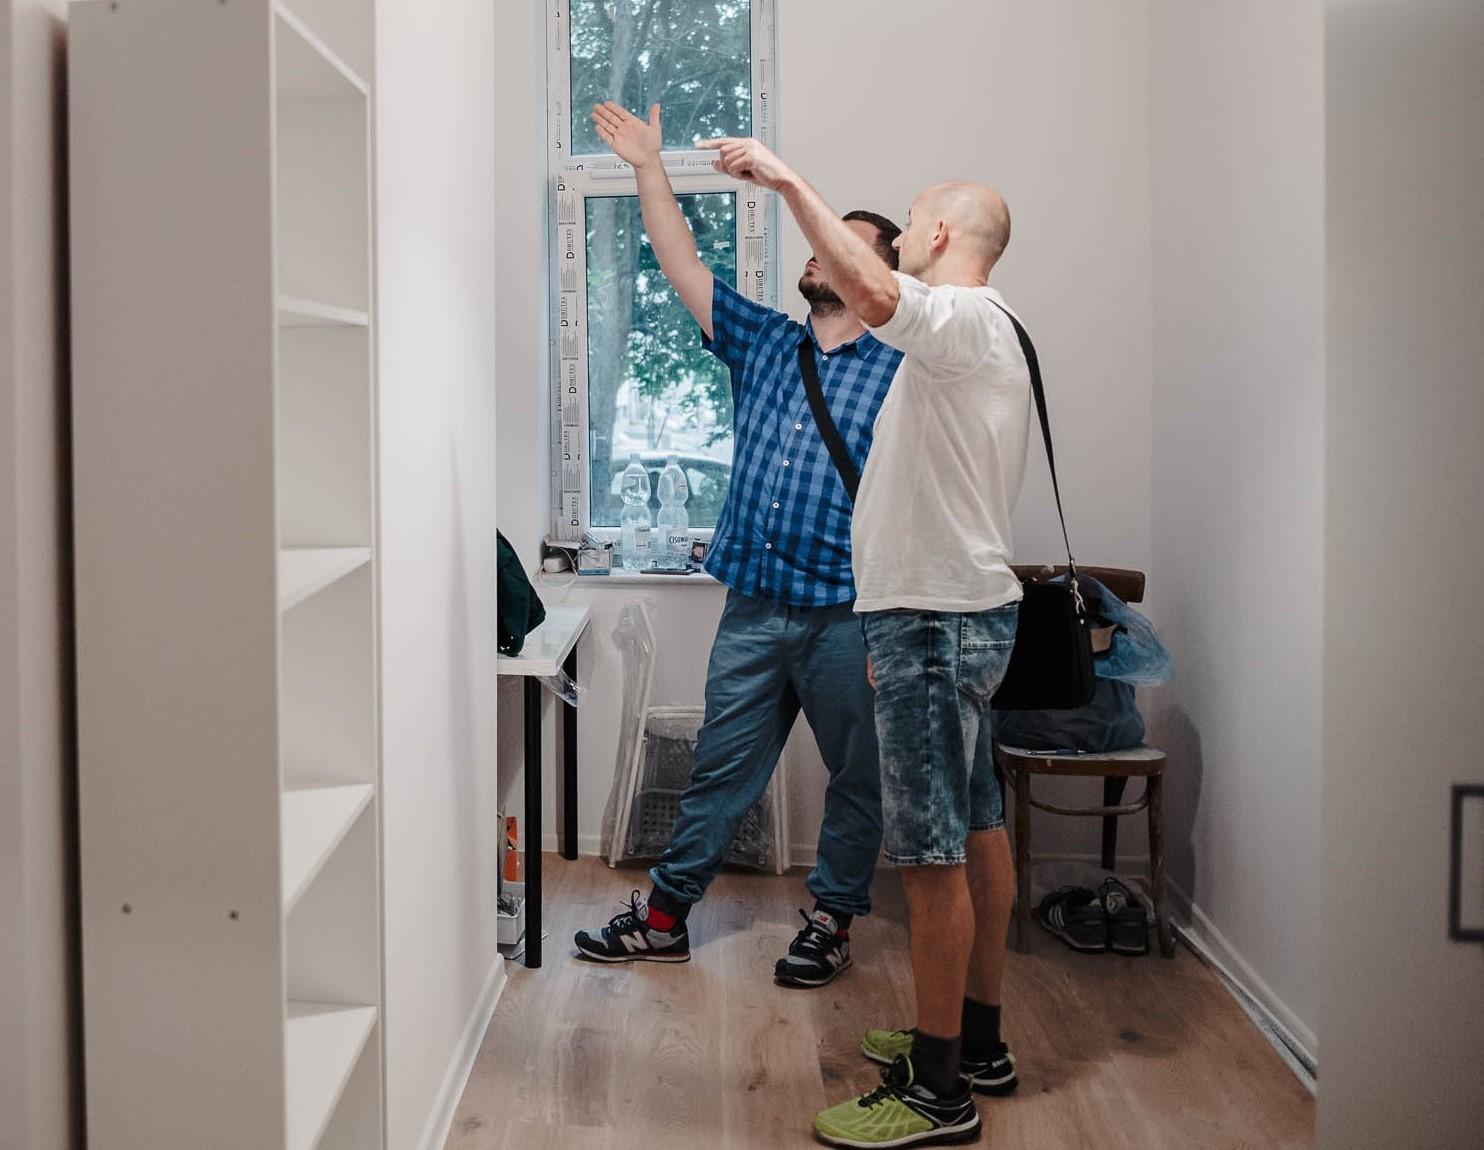 Jeżeli chcesz dowiedzieć się w jaki sposób tanio i efektywnie przygotować podnajmowane mieszkanie, a w szczególności: